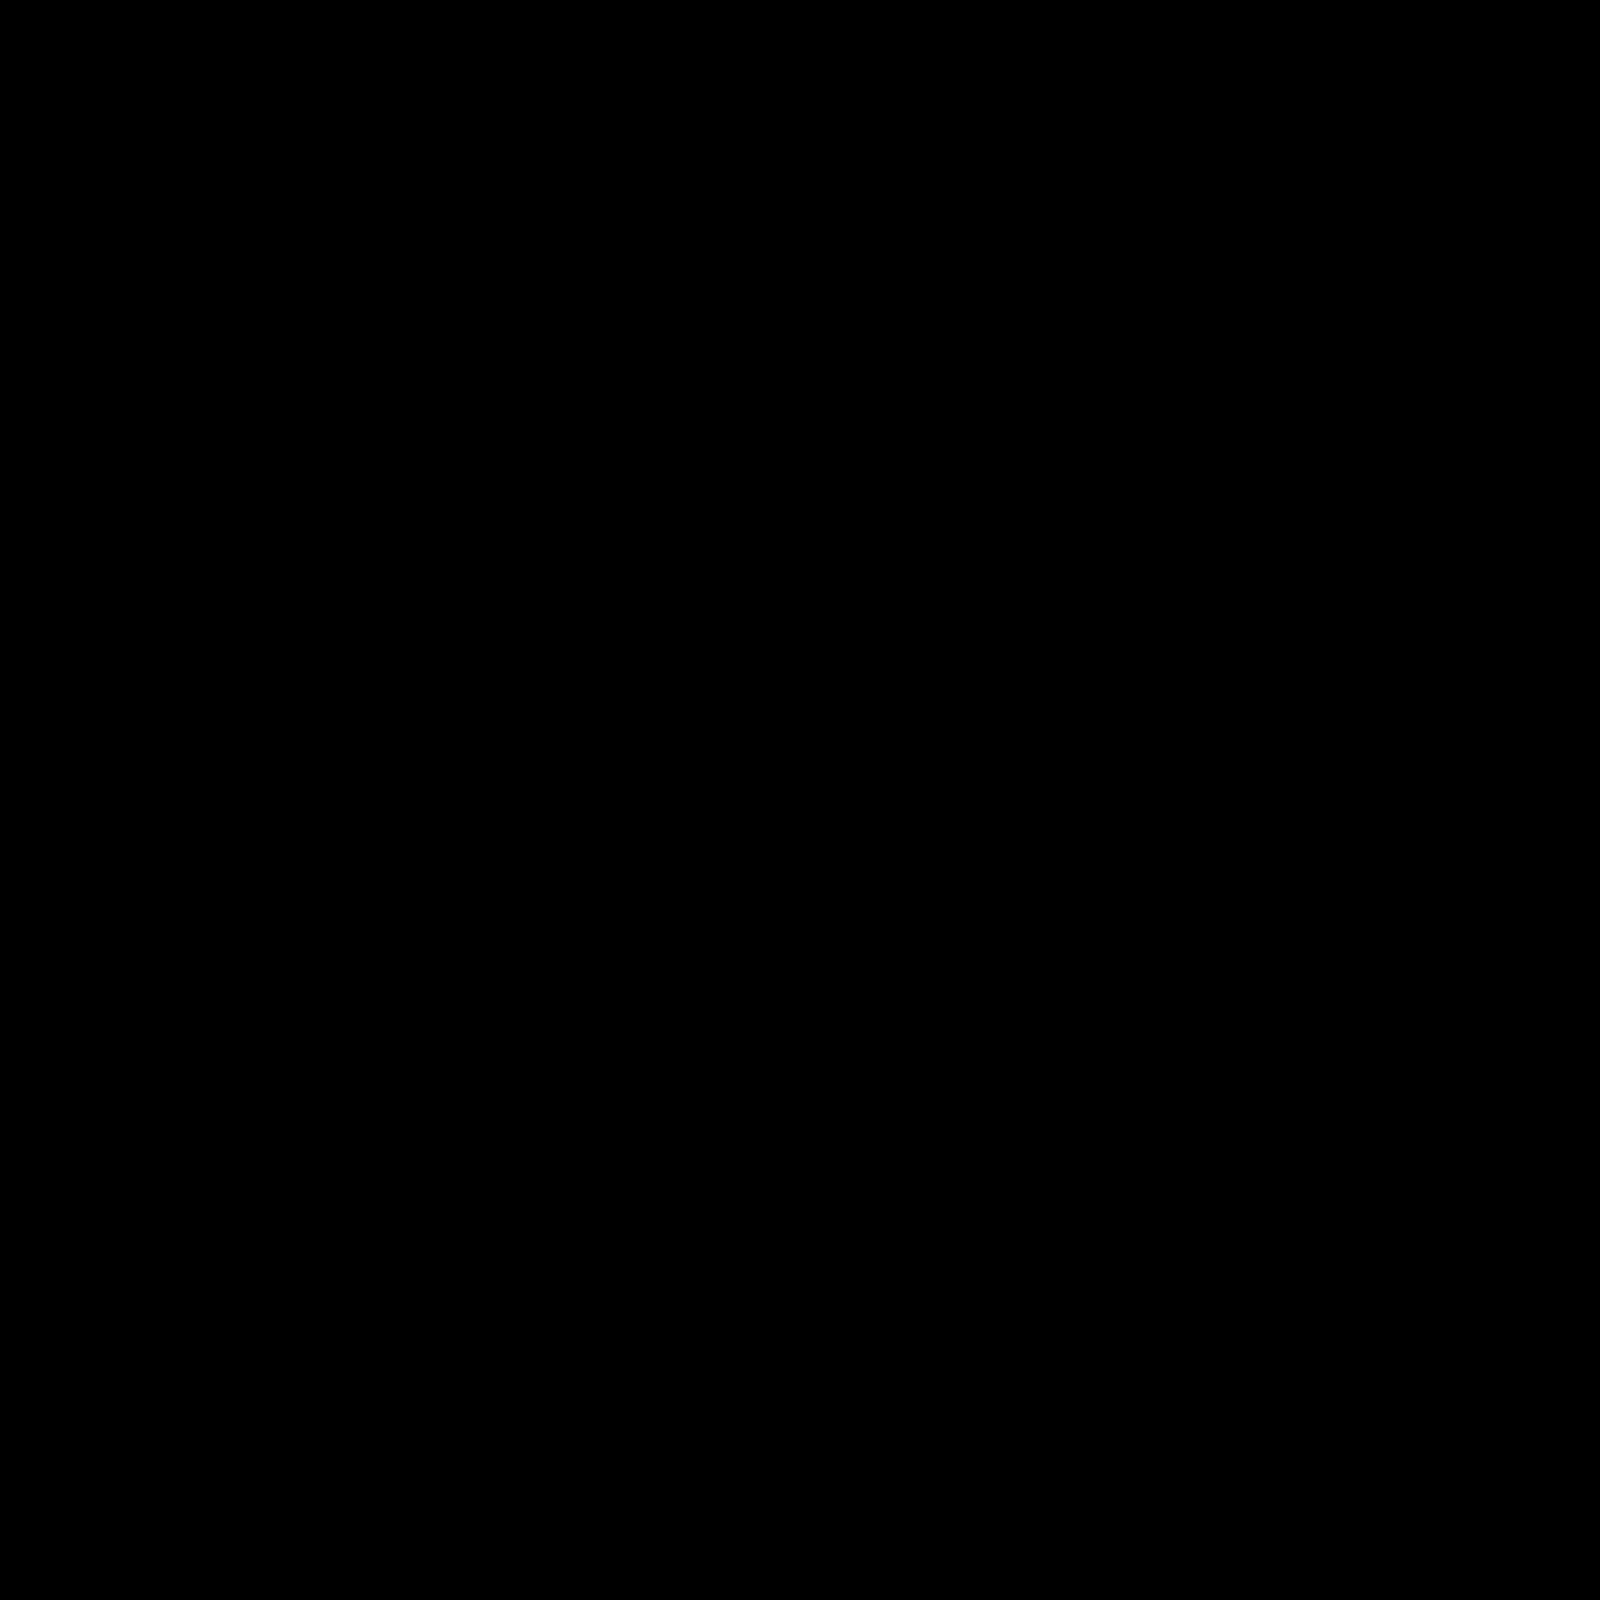 E Vector Symbol